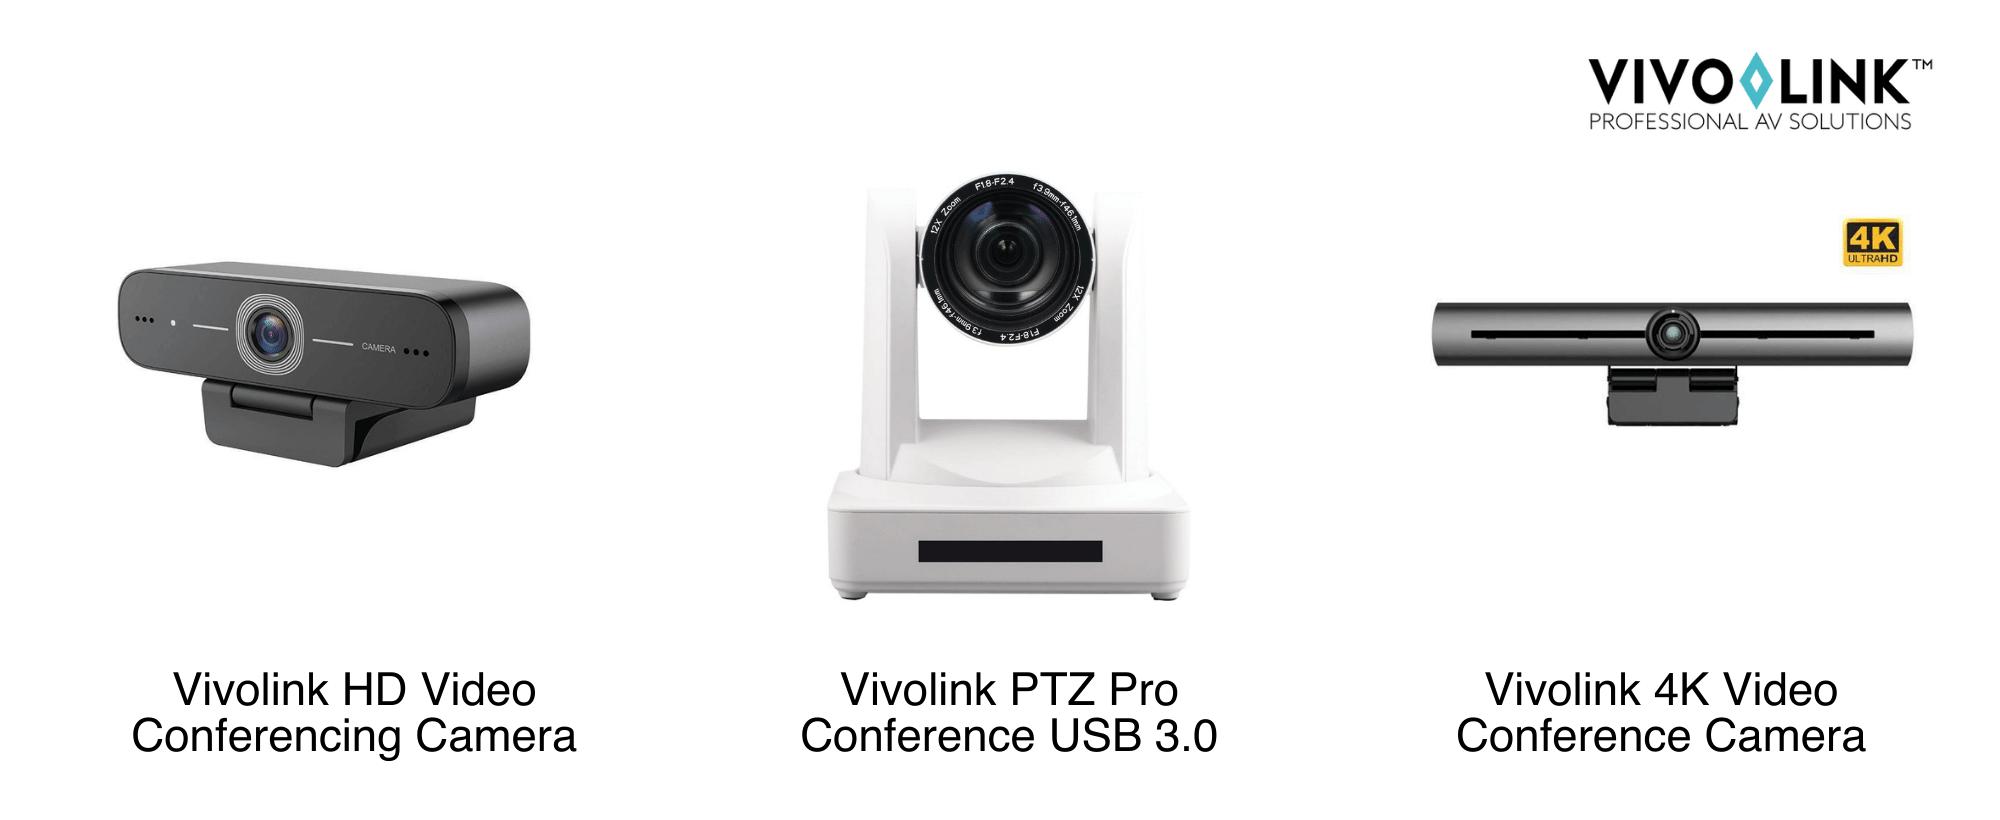 Vivolink 4K Video Conference Camera